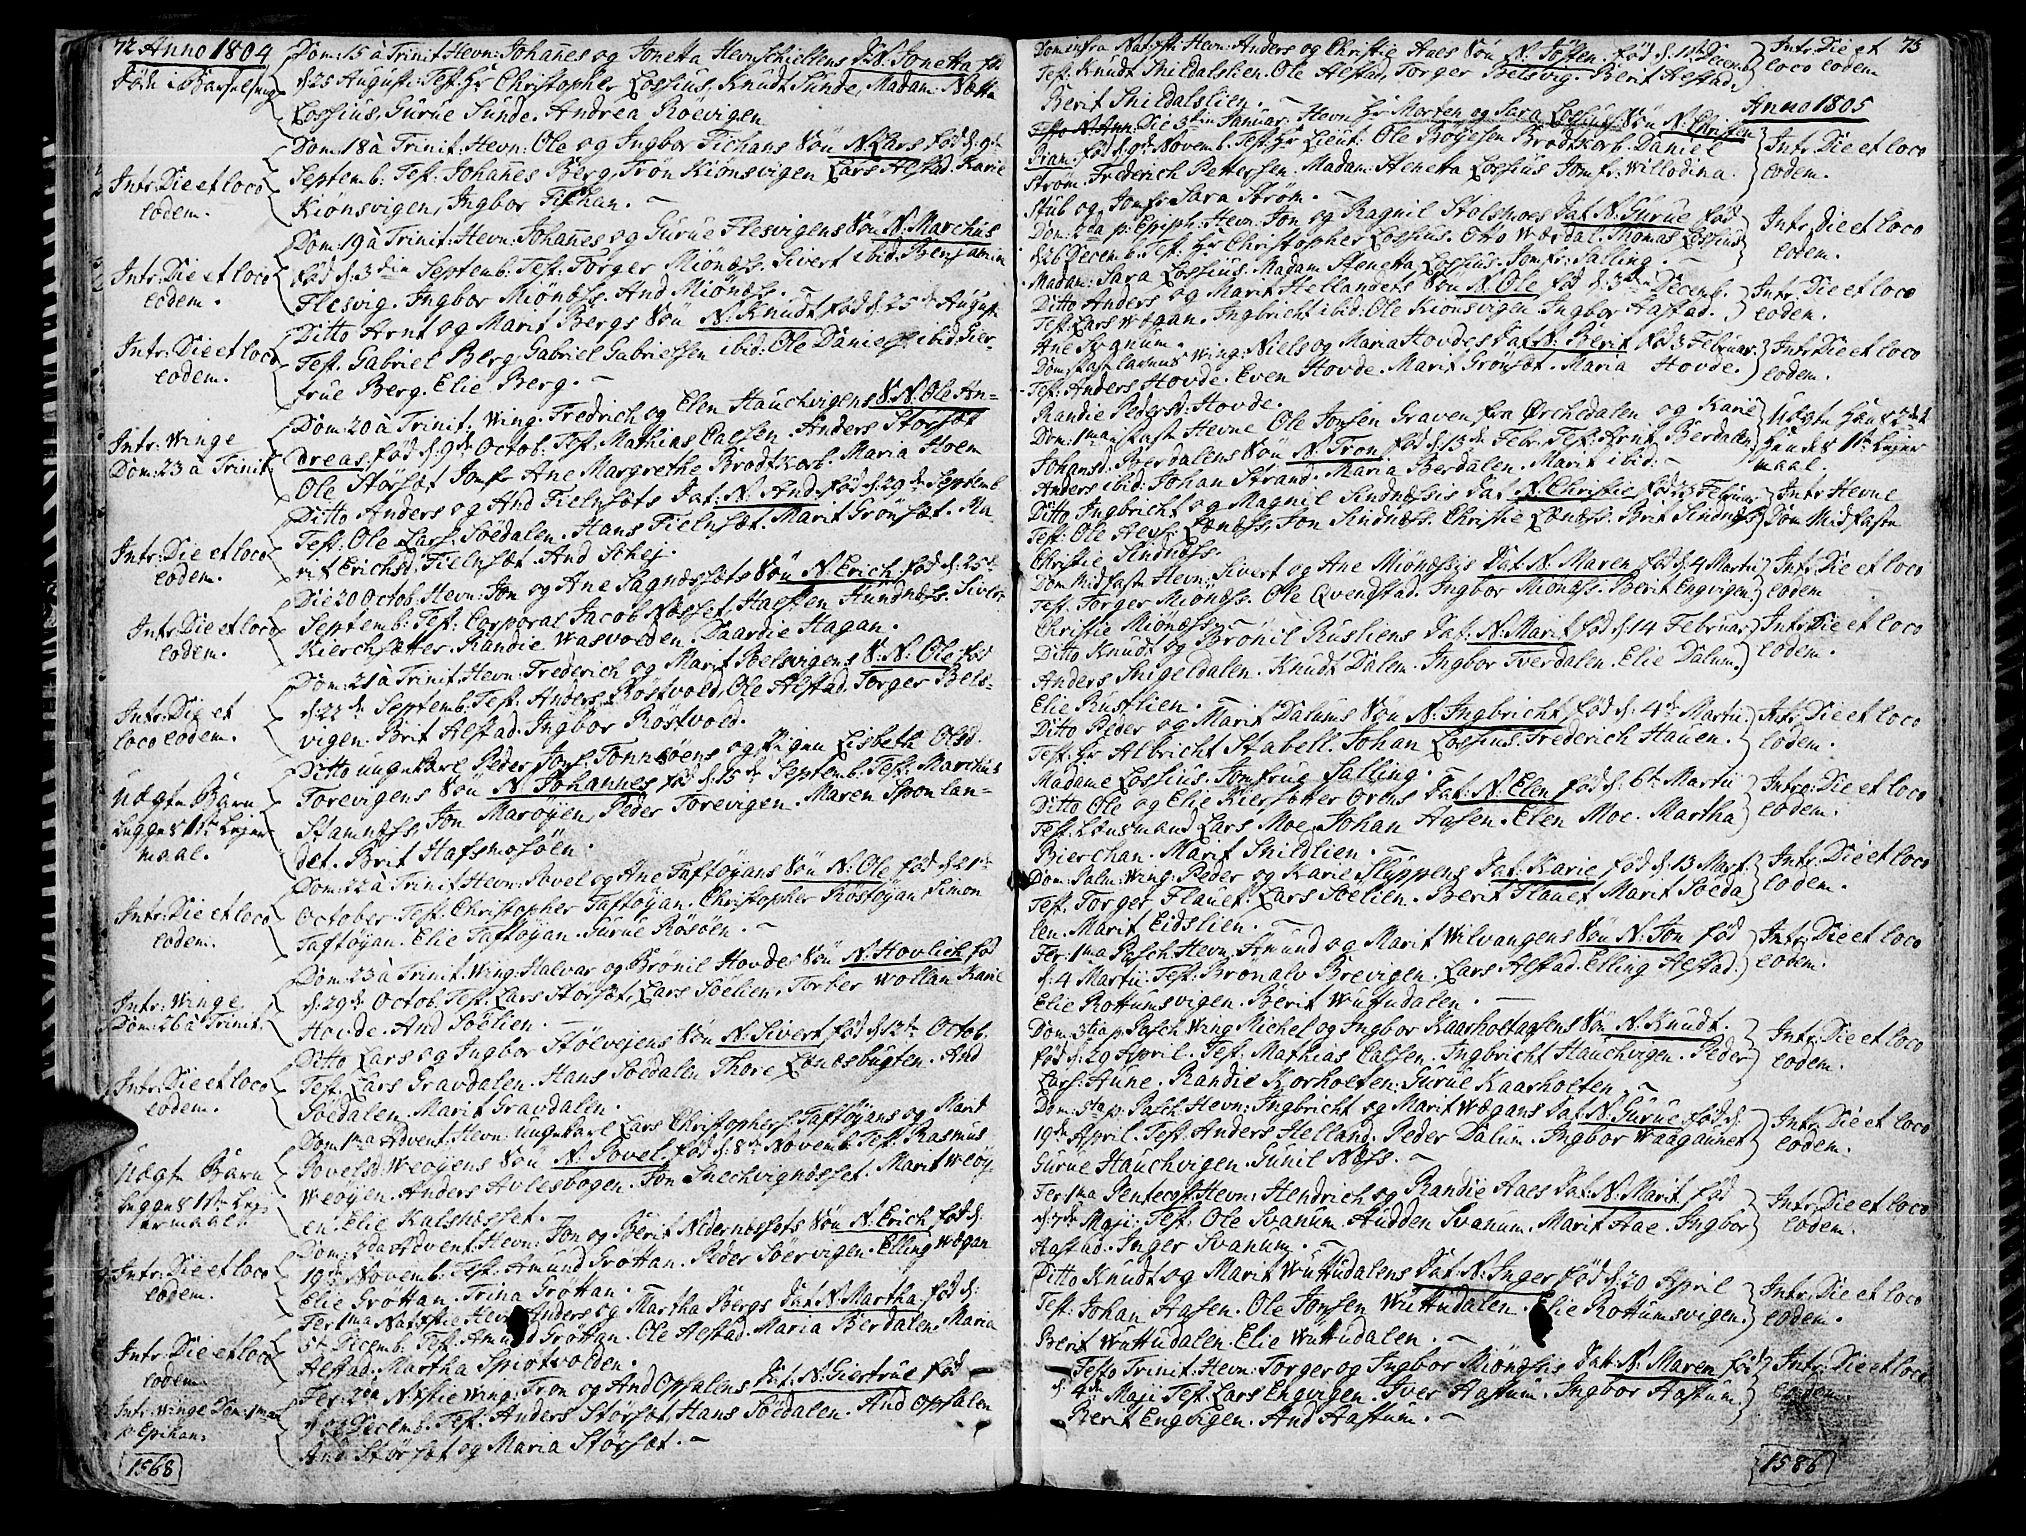 SAT, Ministerialprotokoller, klokkerbøker og fødselsregistre - Sør-Trøndelag, 630/L0490: Ministerialbok nr. 630A03, 1795-1818, s. 72-73